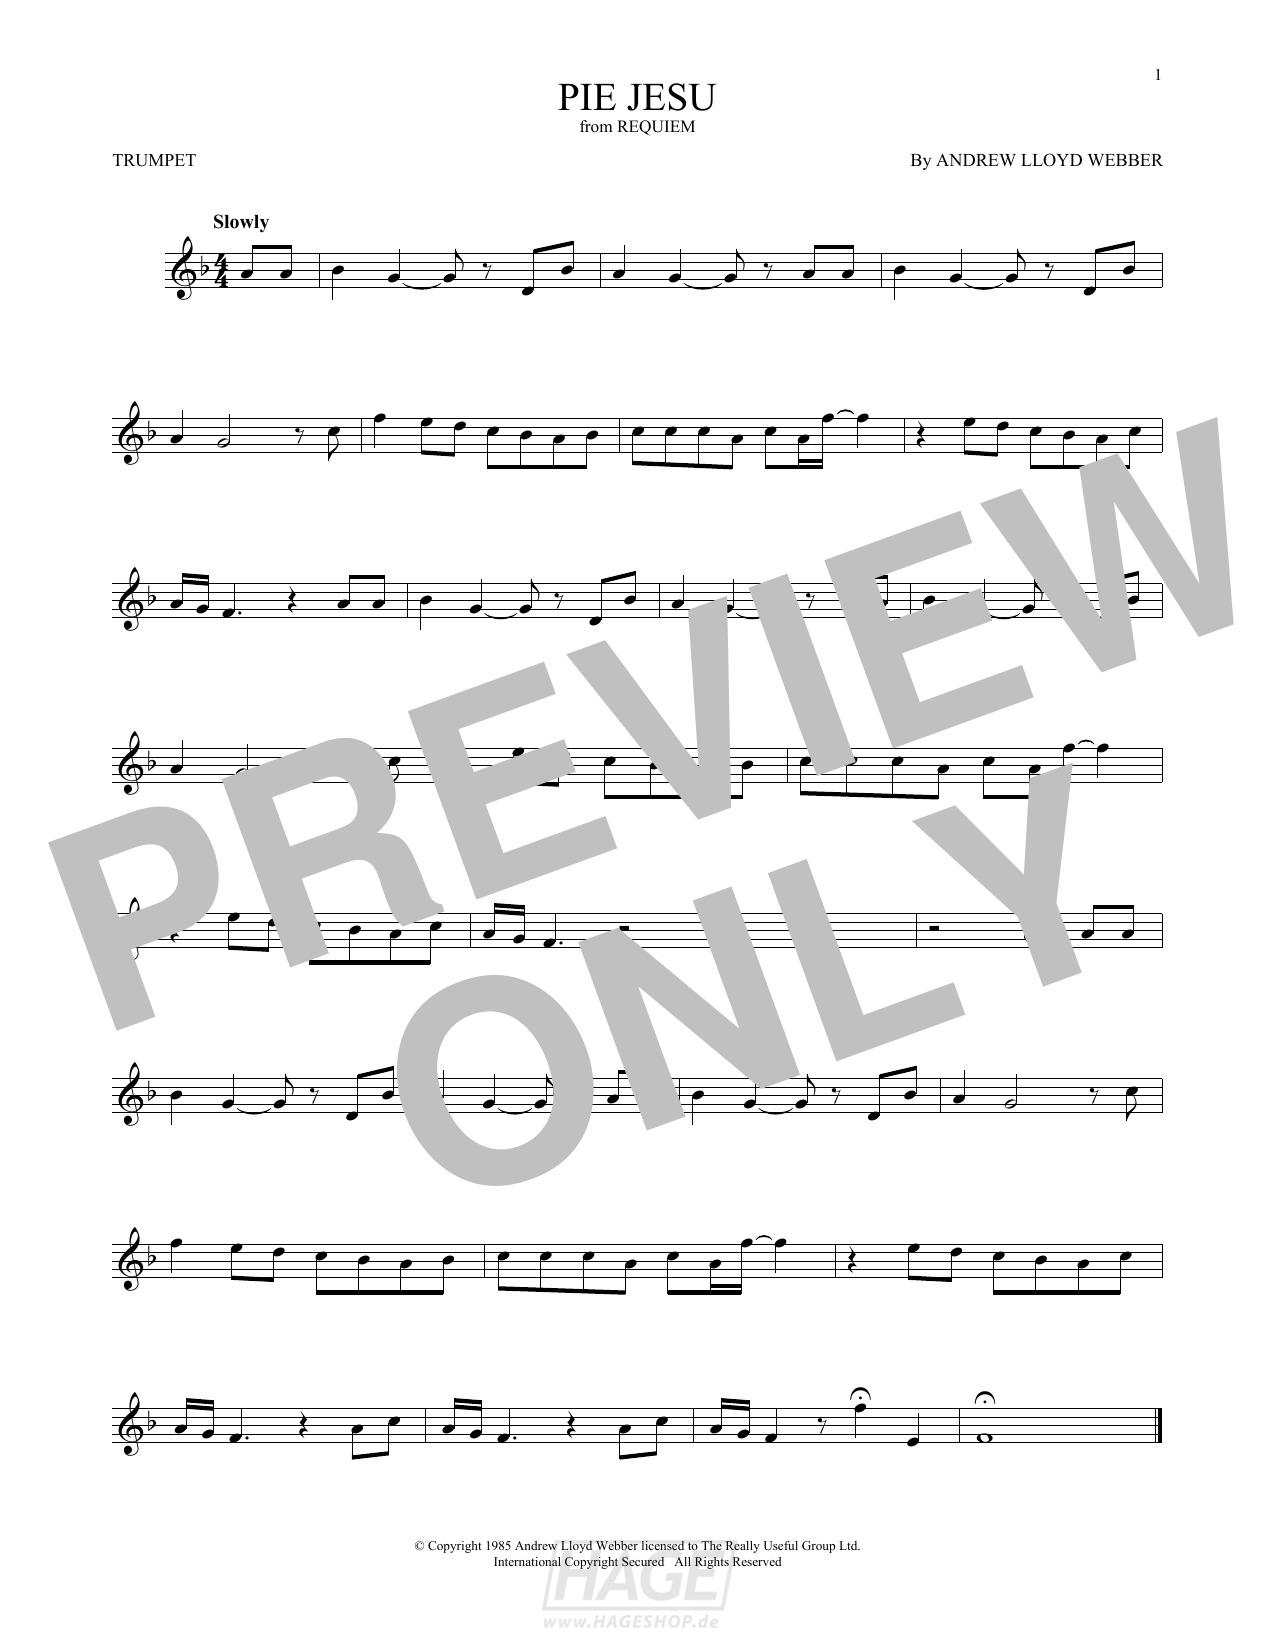 Pie Jesu - Andrew Lloyd Webber - Noten Druckvorschau